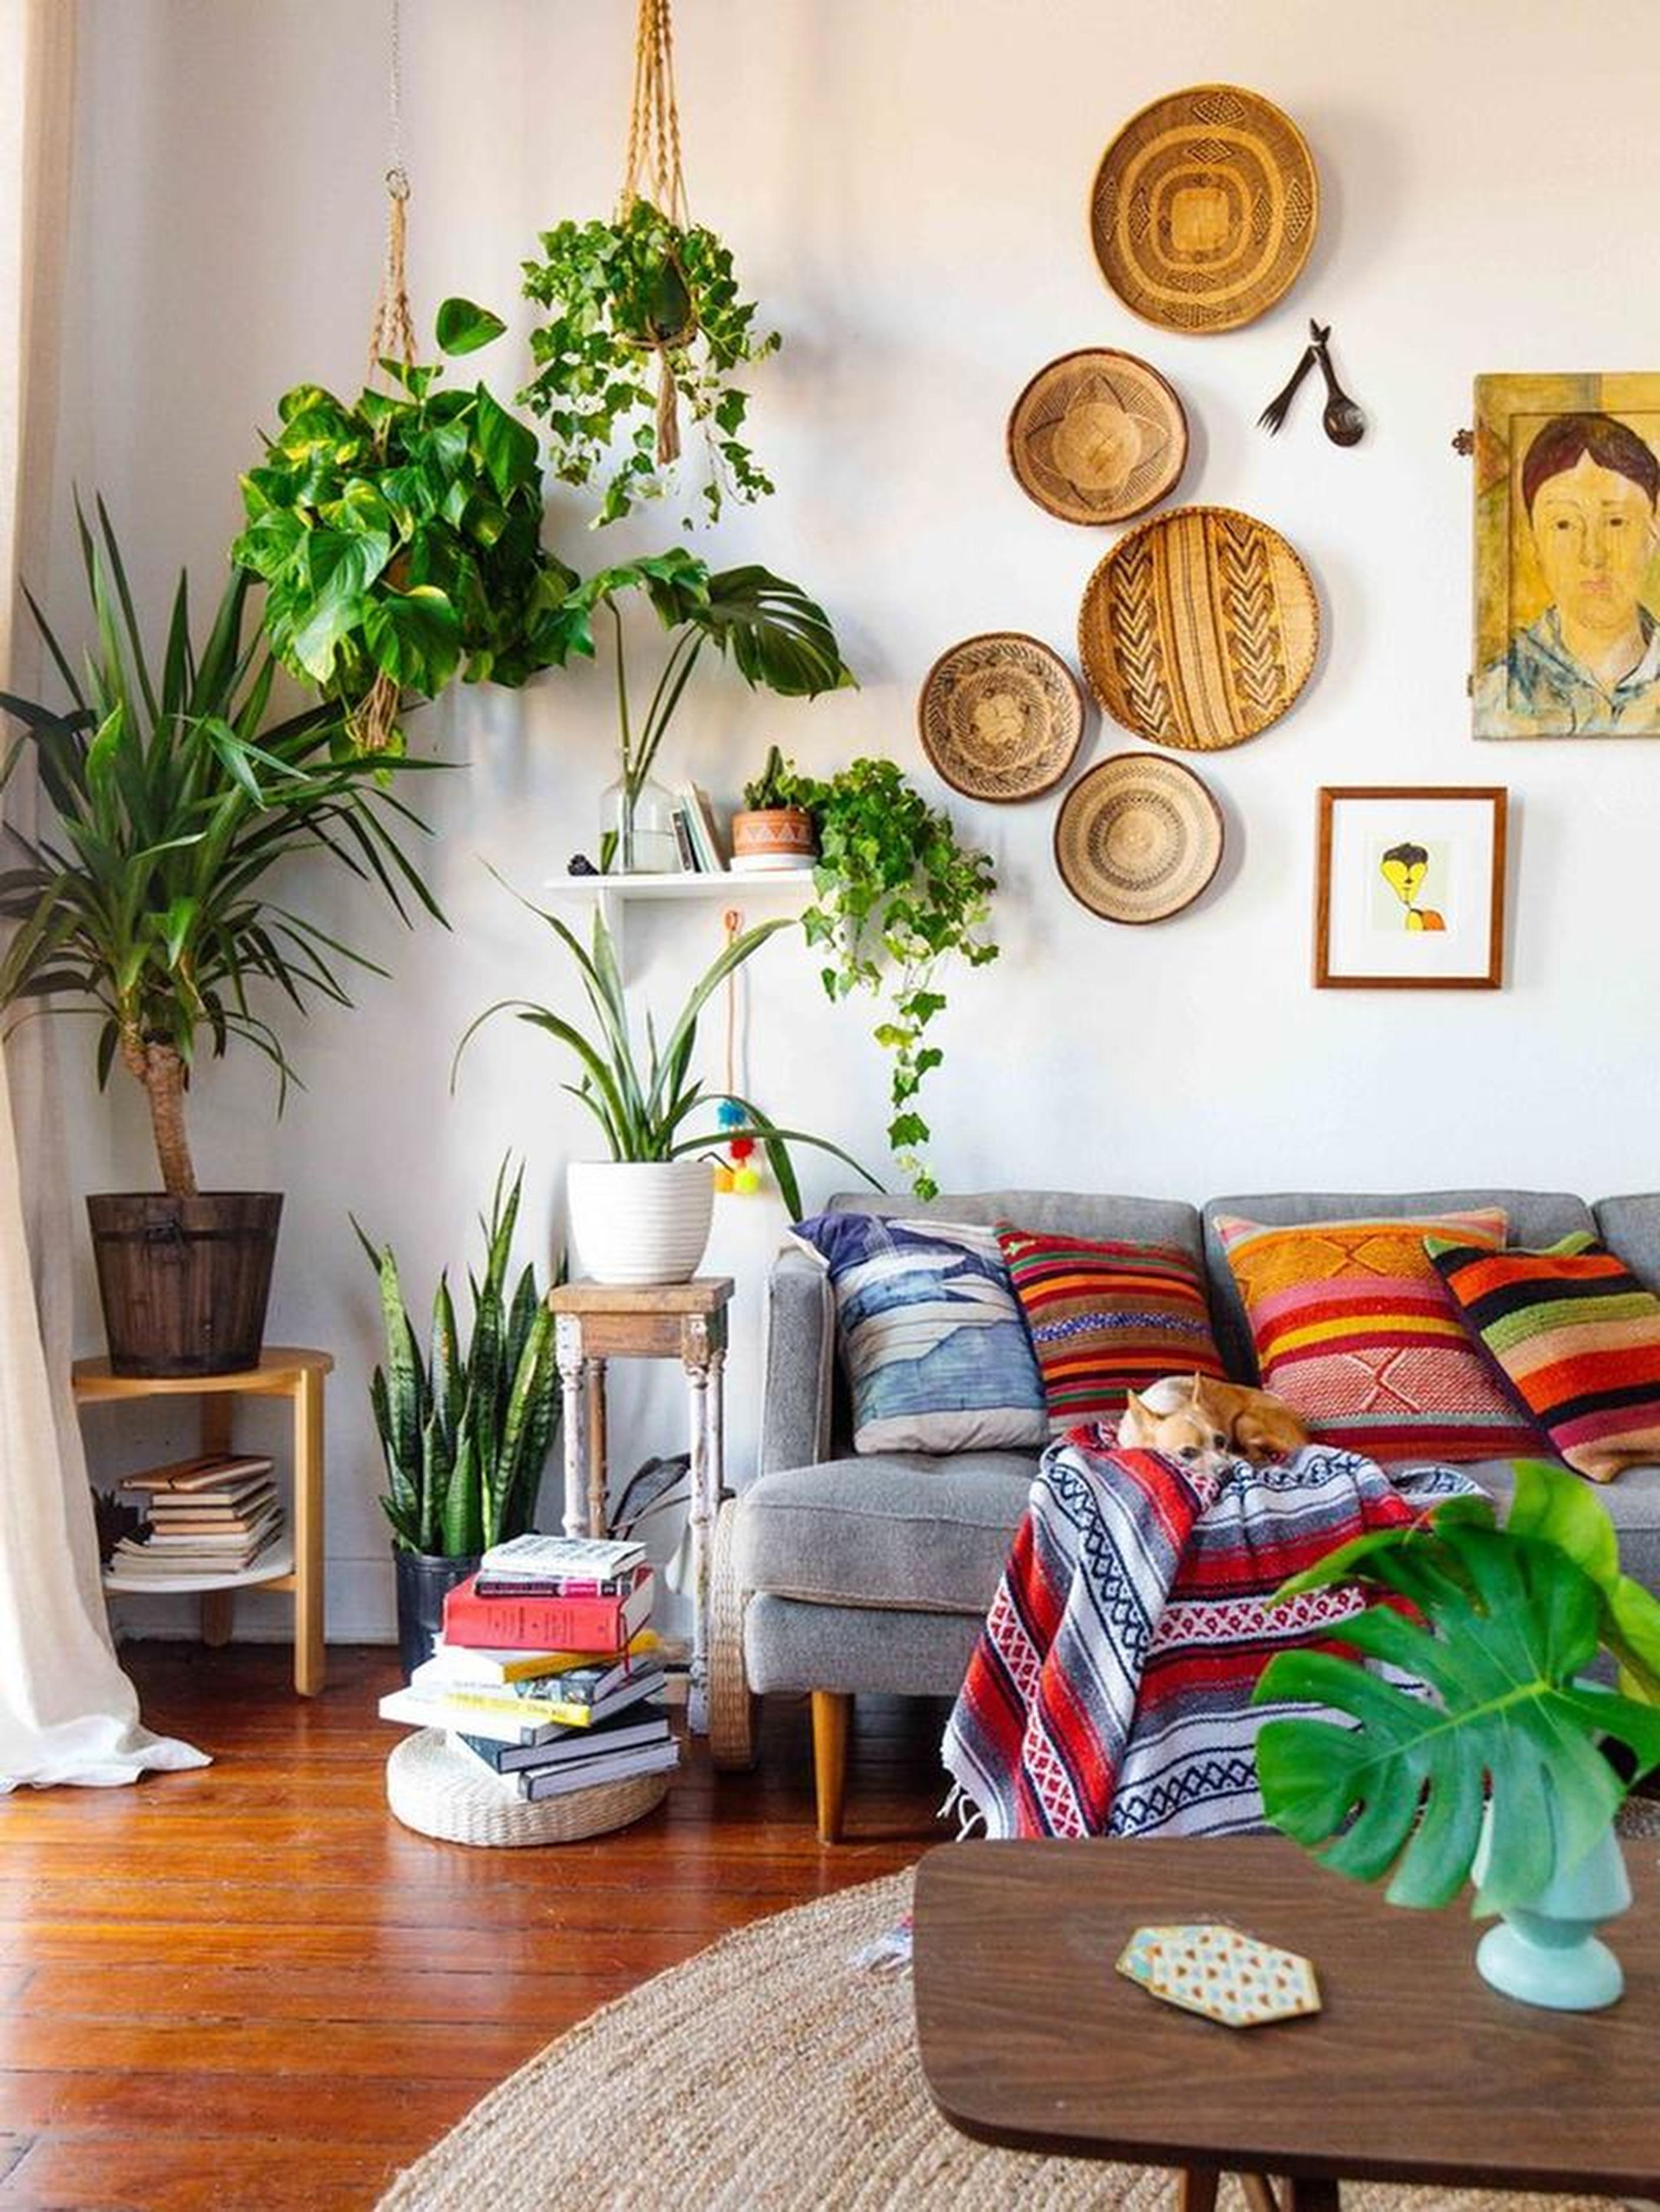 decoração de parede com cestaria